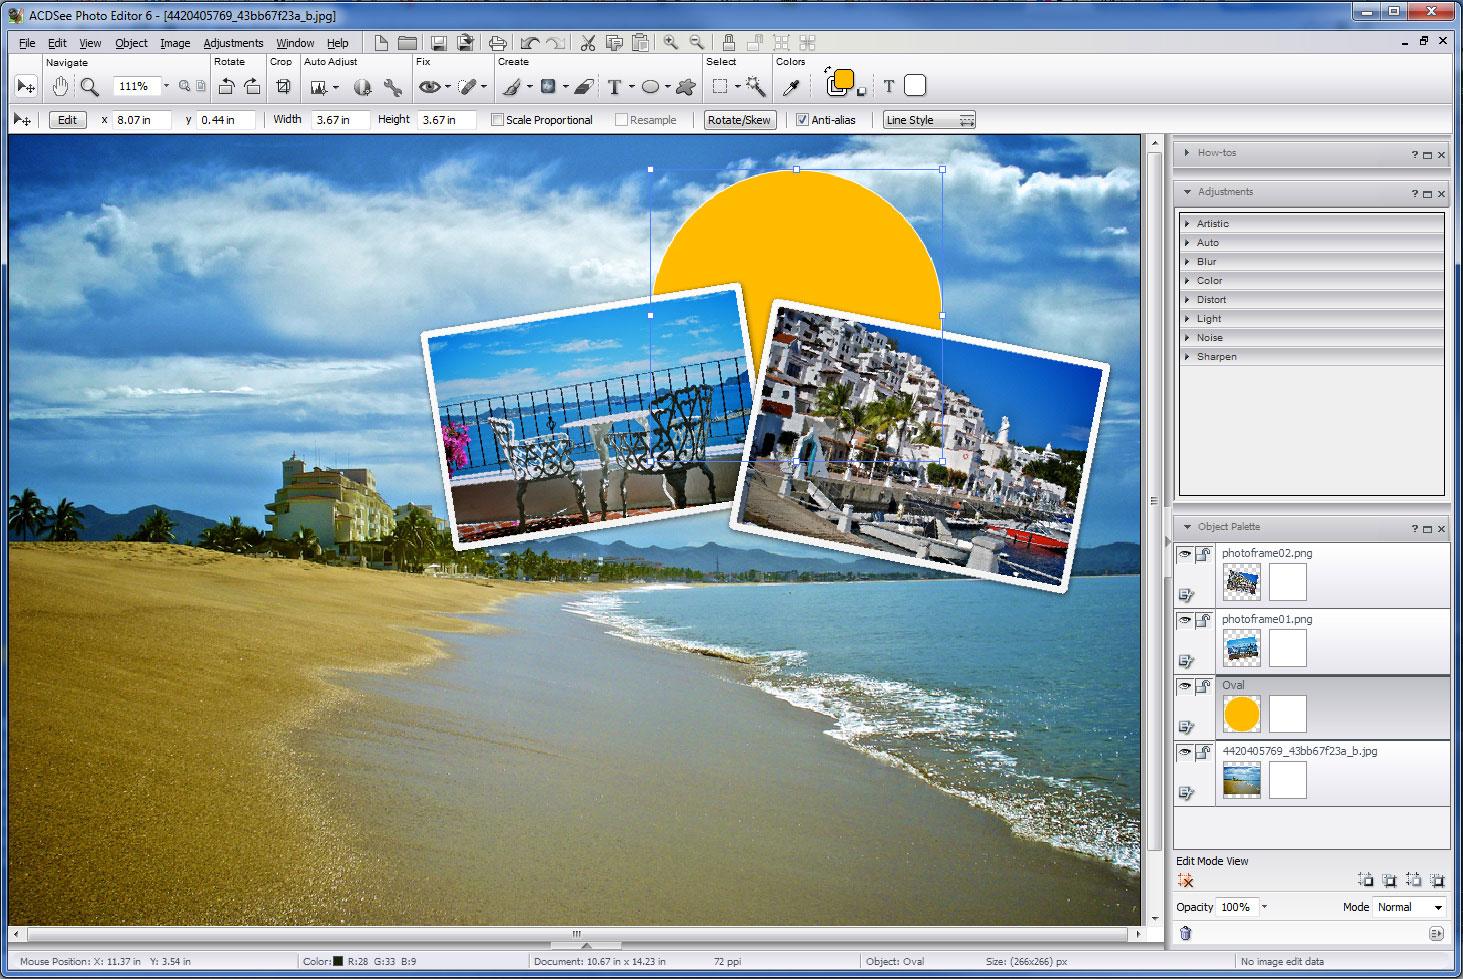 screenshot.ACDSee.Photo .Editor نرم افزار ویرایش تصاویر ACDSee Photo Editor 6 0 Build 359